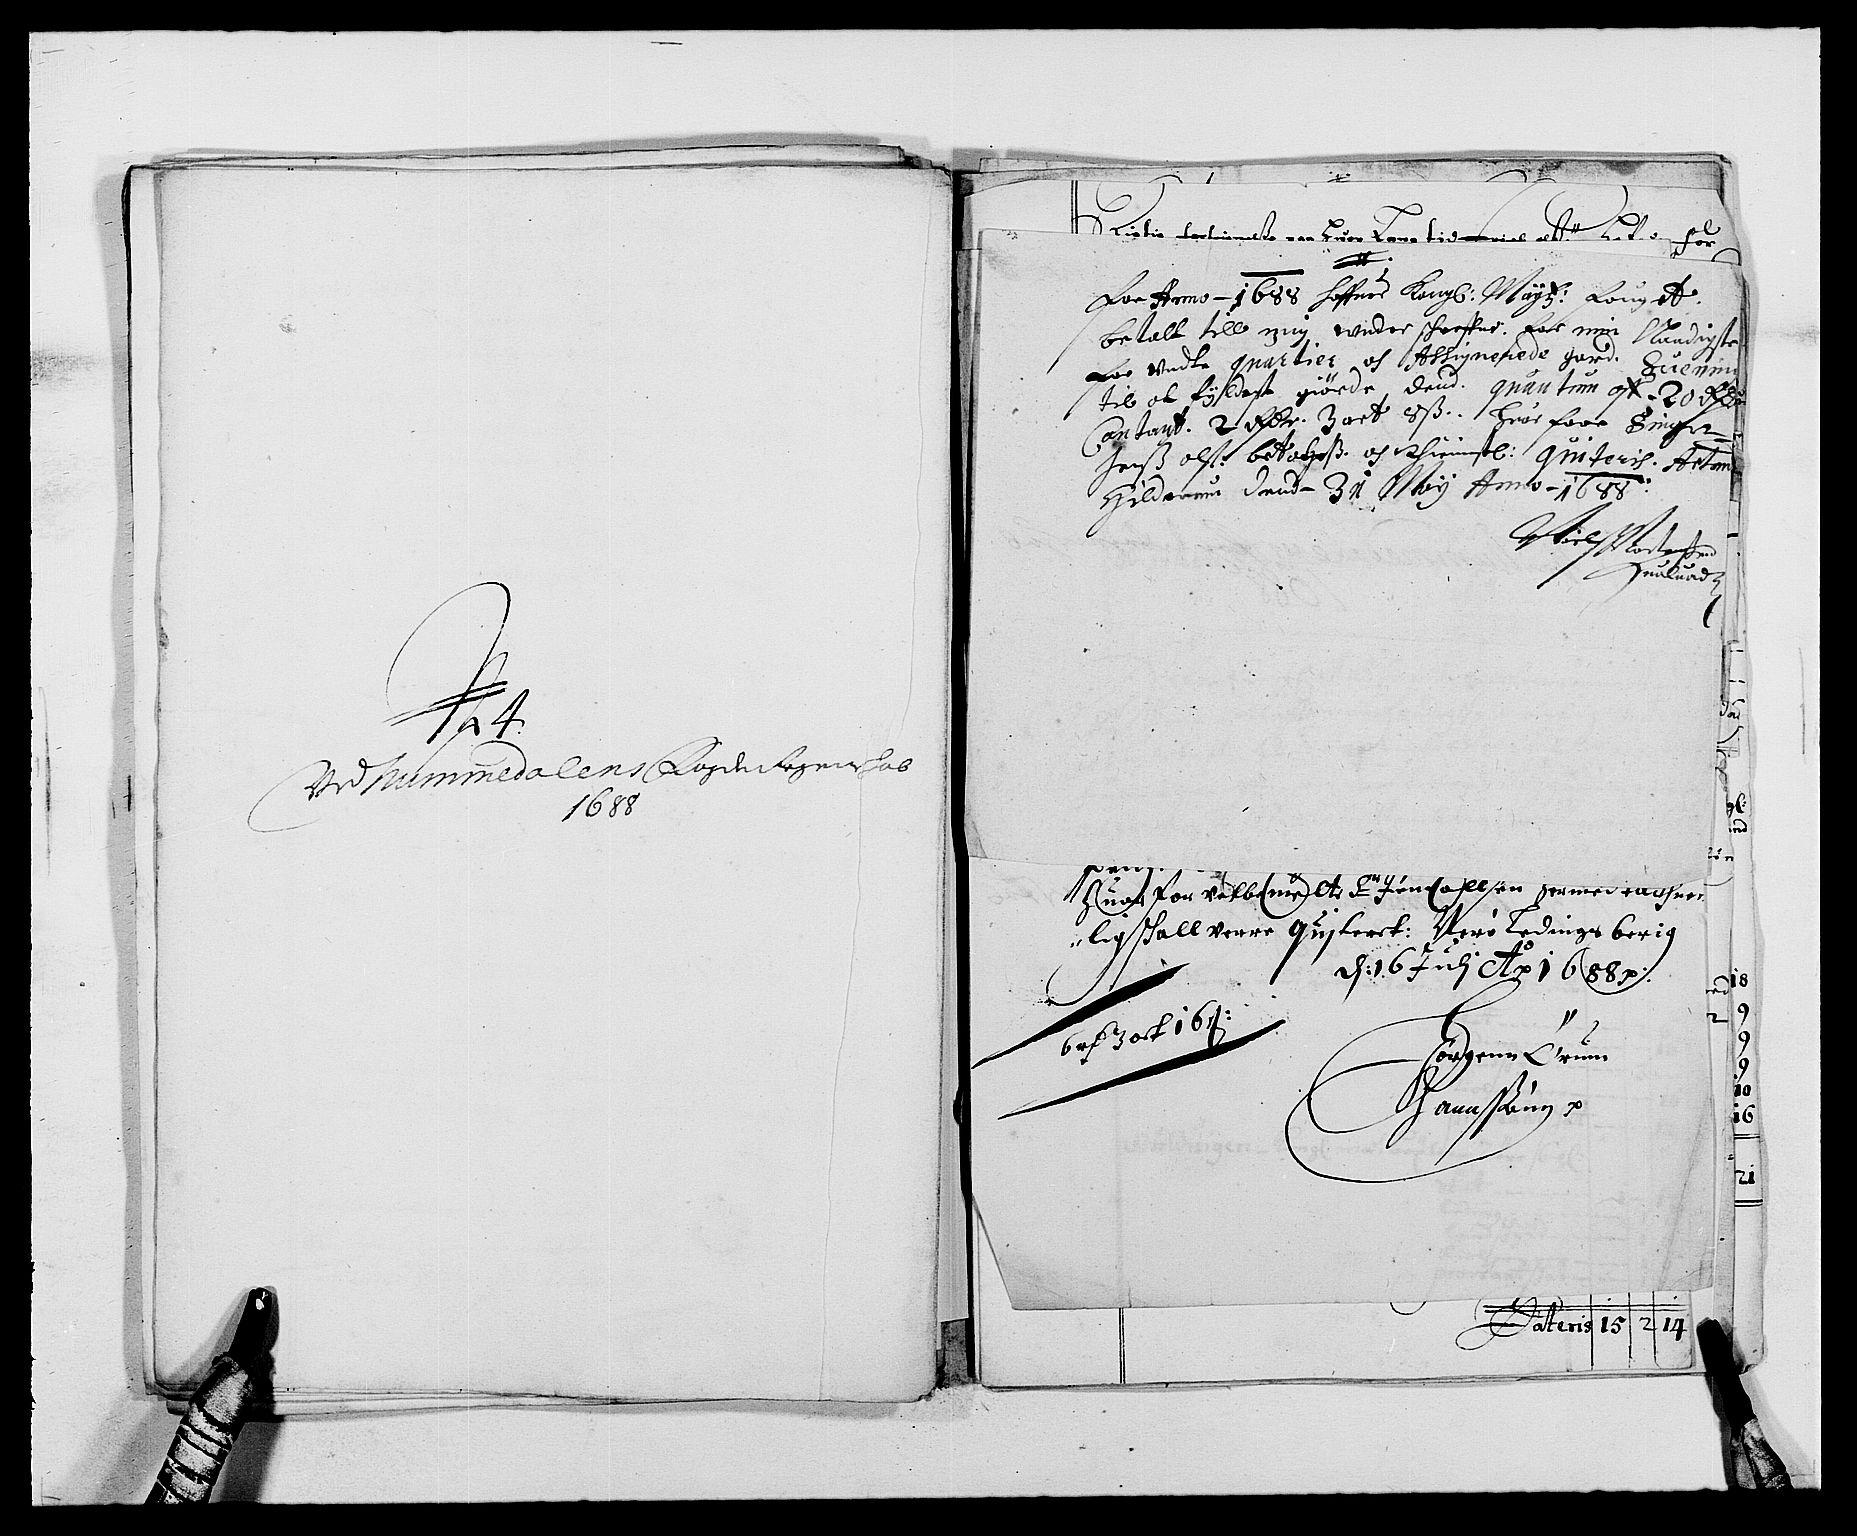 RA, Rentekammeret inntil 1814, Reviderte regnskaper, Fogderegnskap, R64/L4422: Fogderegnskap Namdal, 1687-1689, s. 186